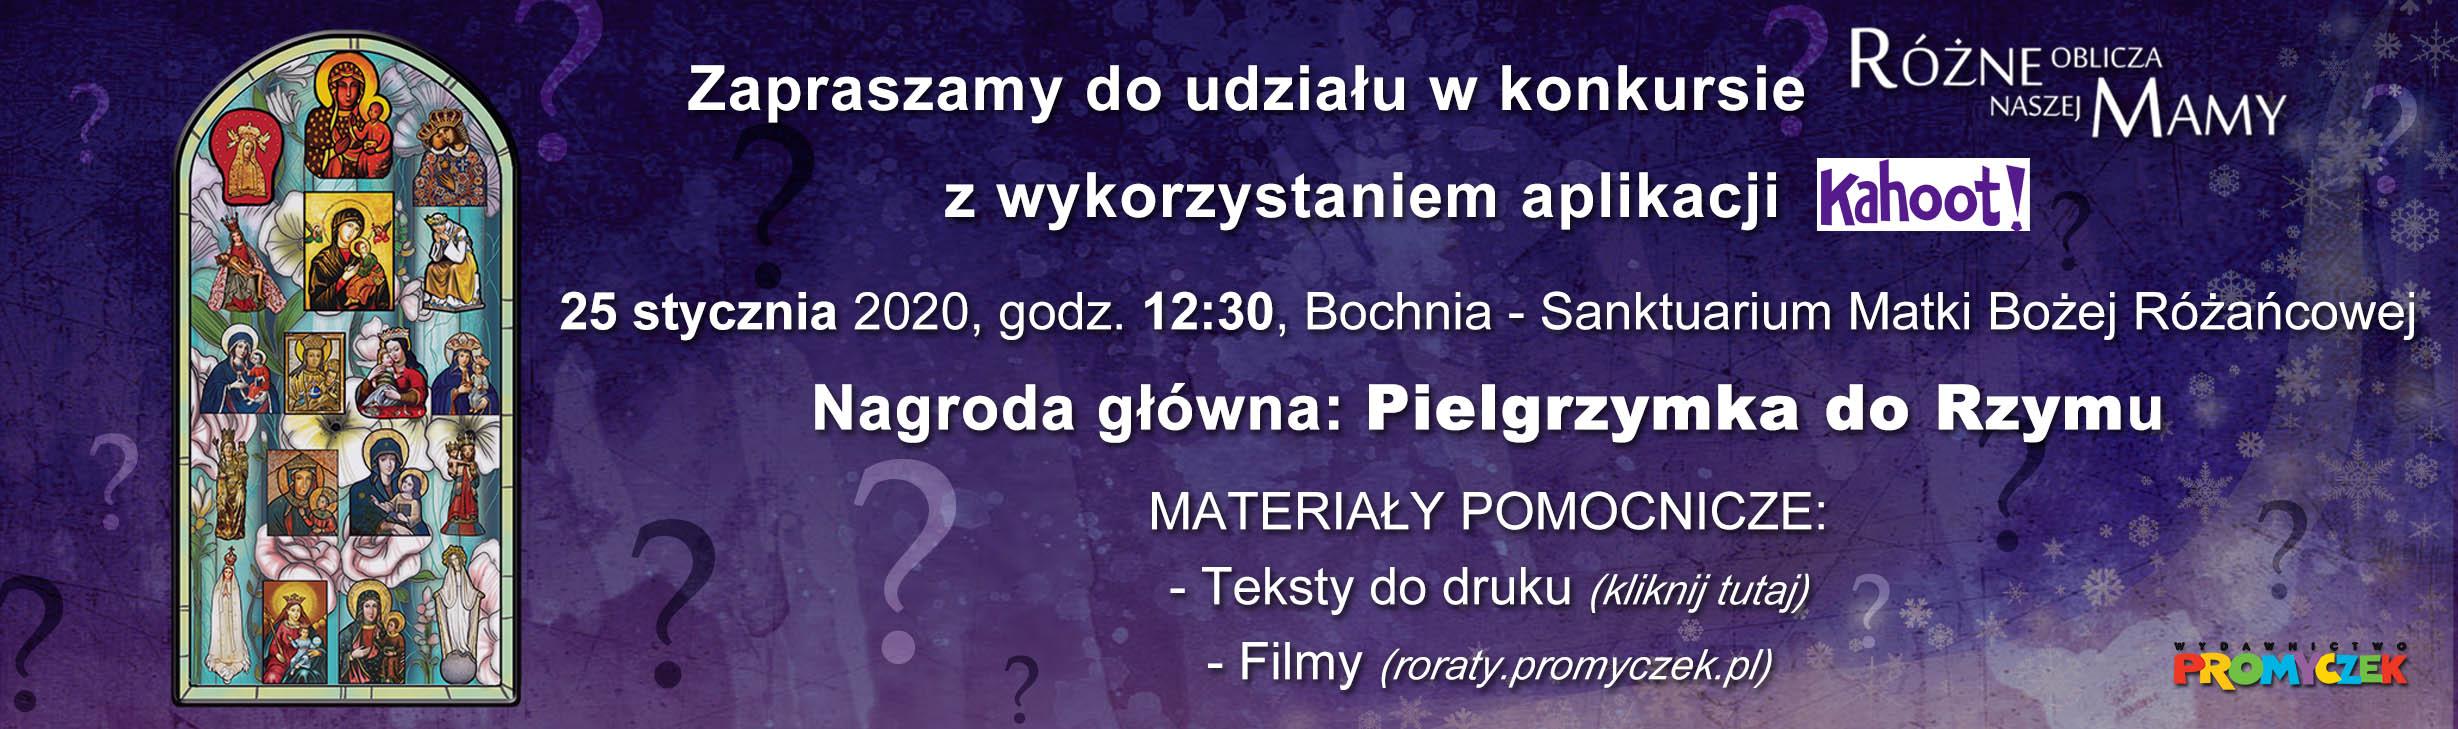 Materiały na konkurs - Bochnia